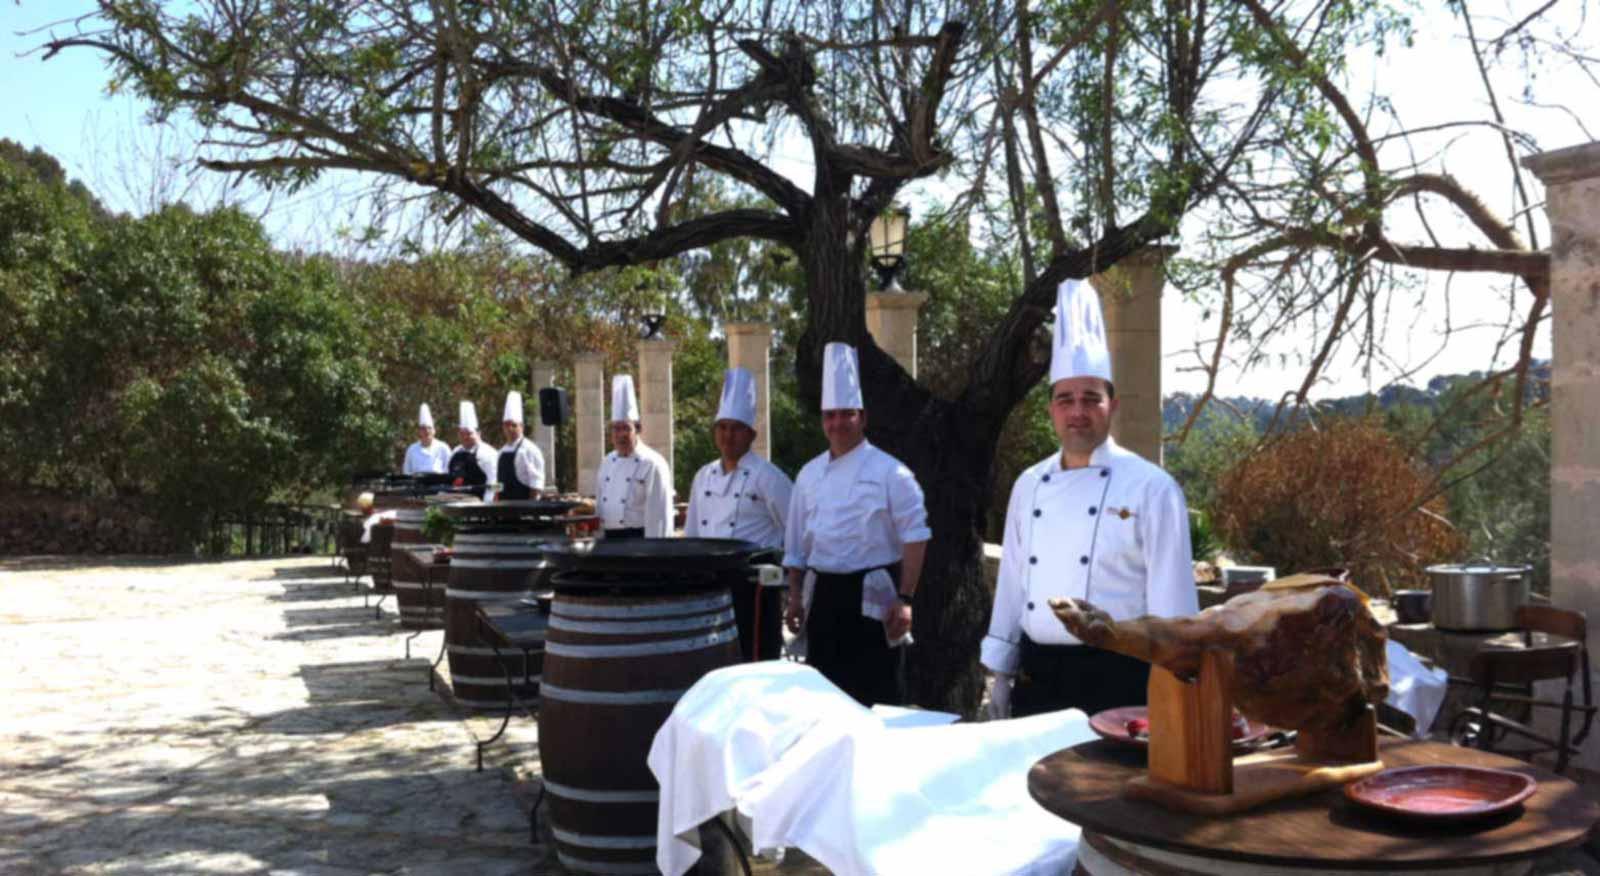 Weinprobe-Mallorca-Weinprobe-Weinverkostung-Sommelier-Mallorca-10